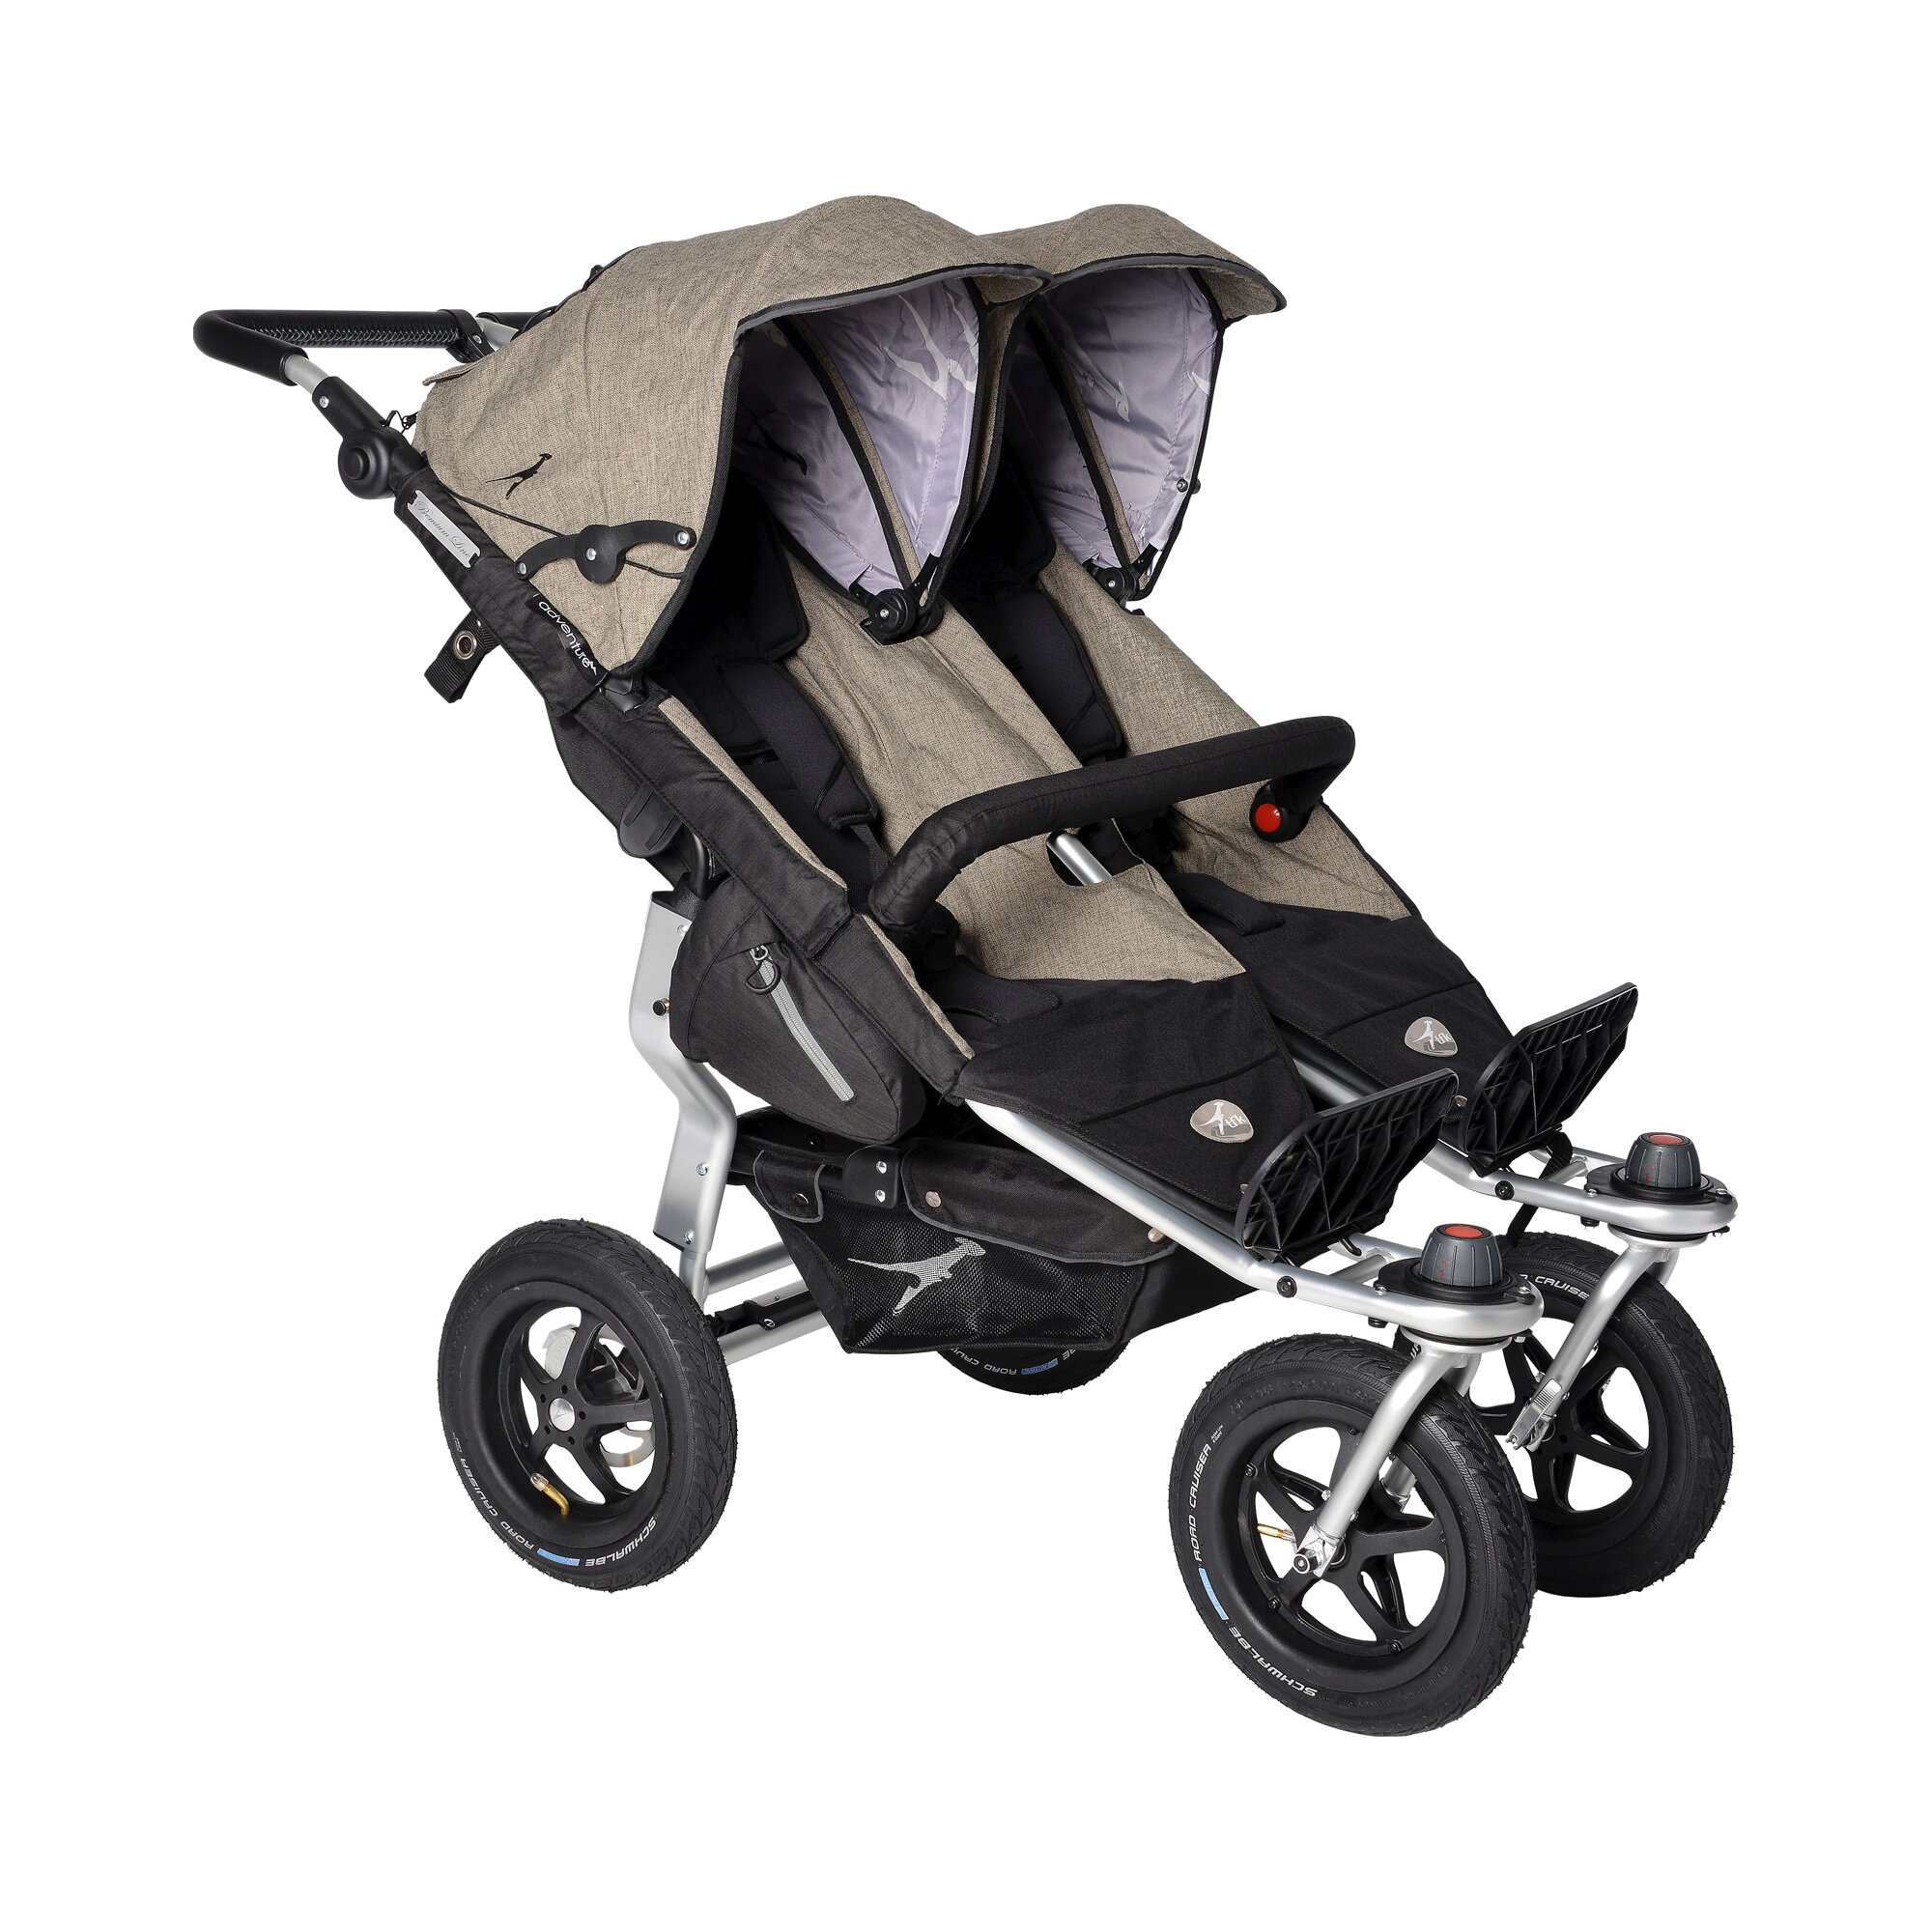 tfk-twin-adventure-premium-kinderwagen-zwillingswagen-braun